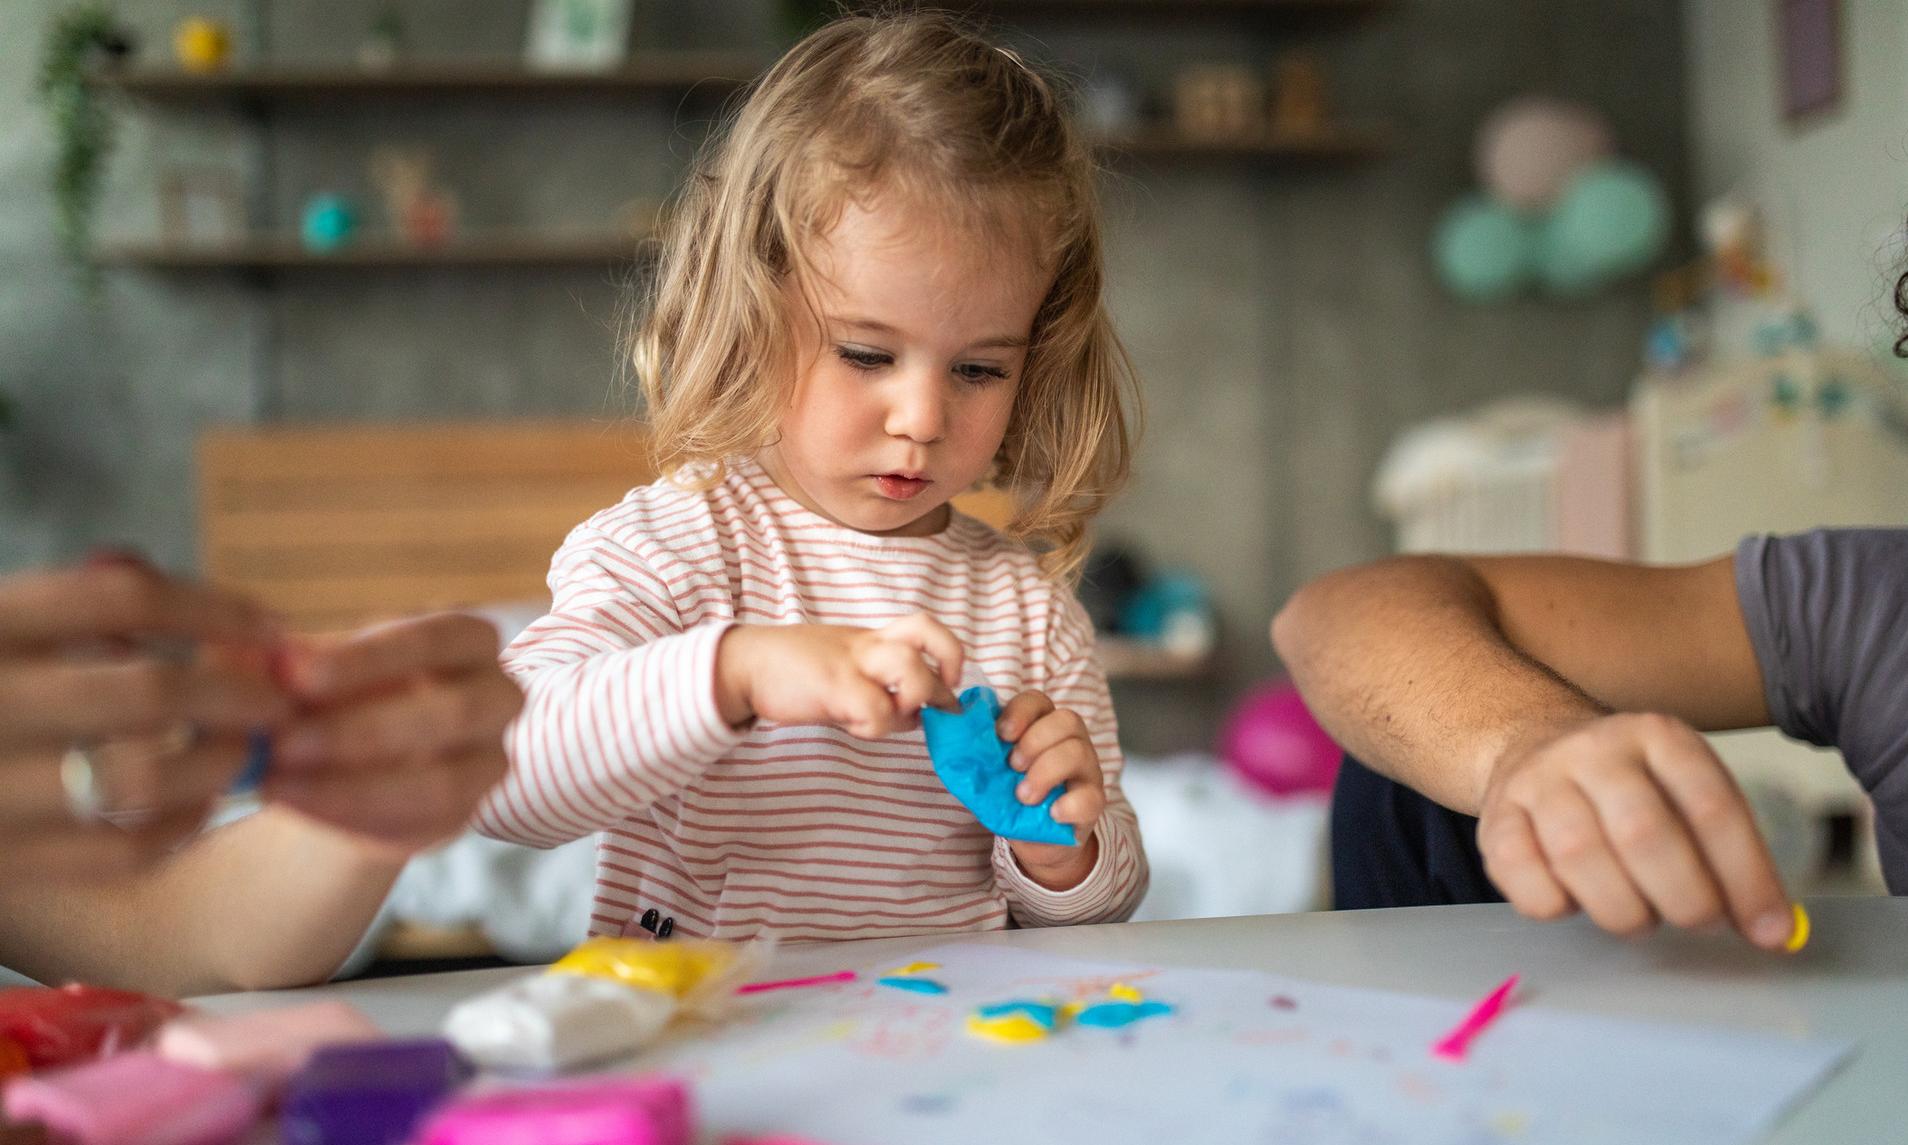 Как очистить от пластилина одежду, мебель и ребенка: 19 проверенных способов